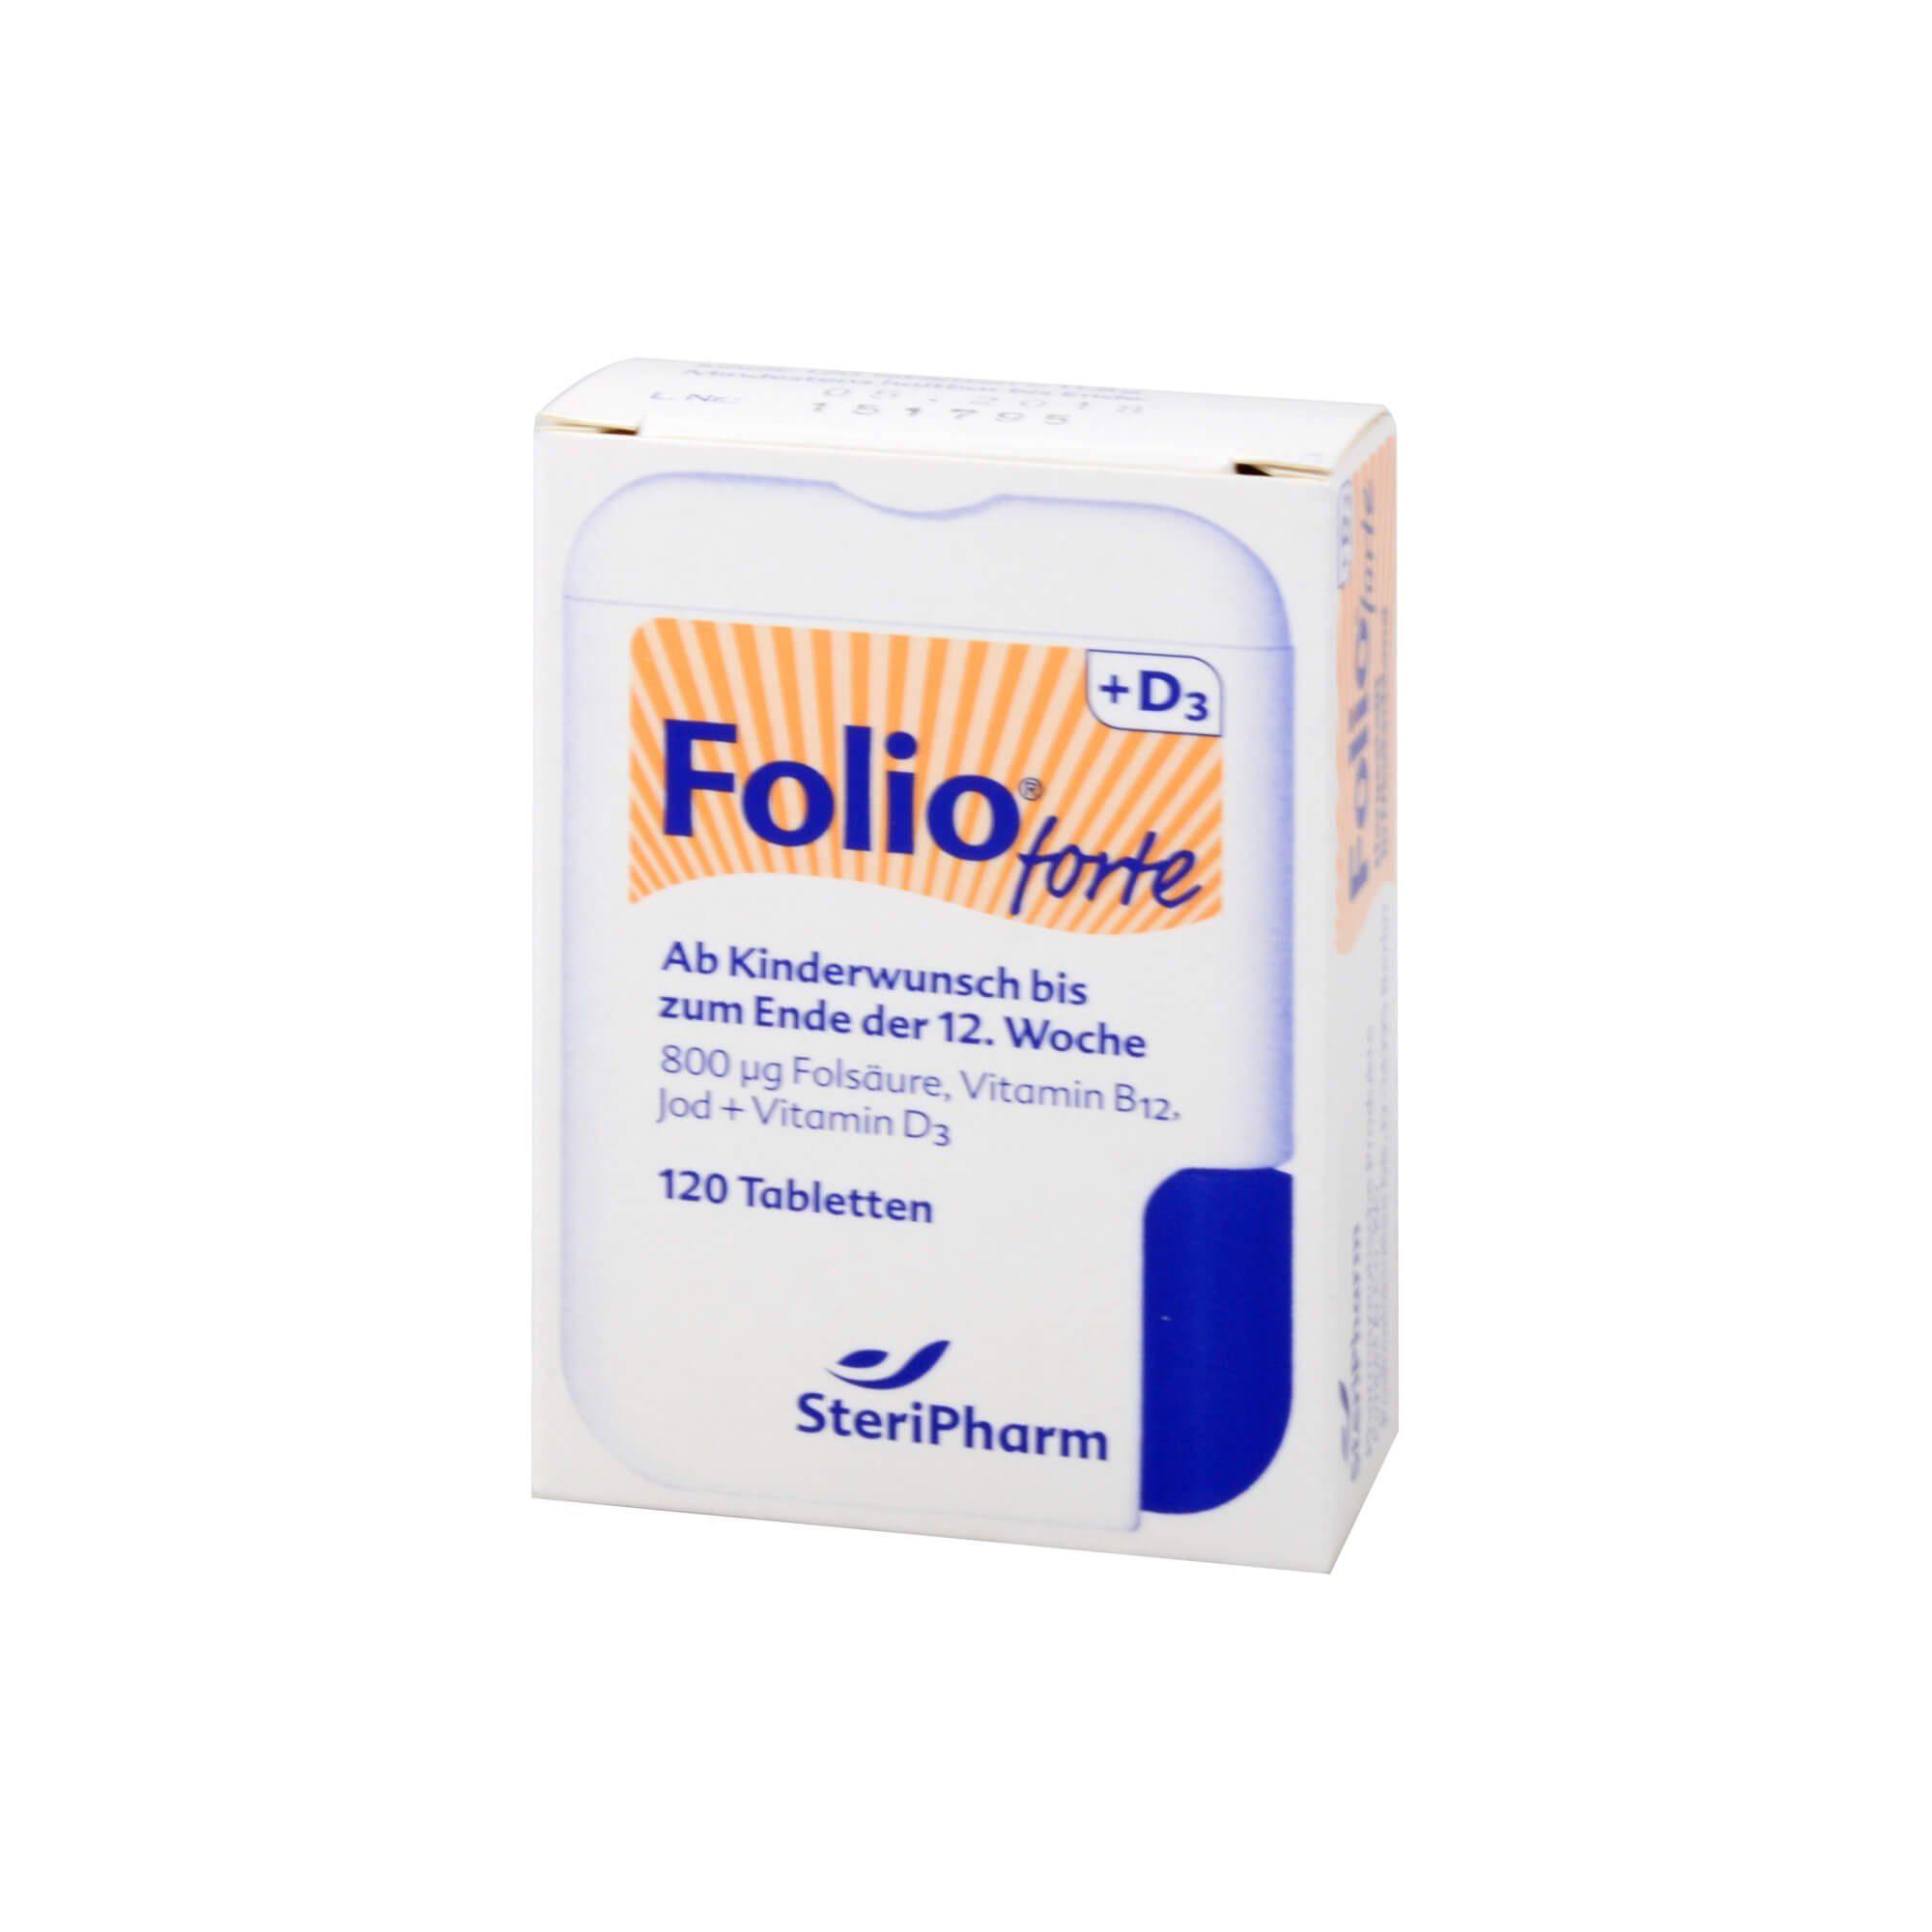 Folio Forte + D3